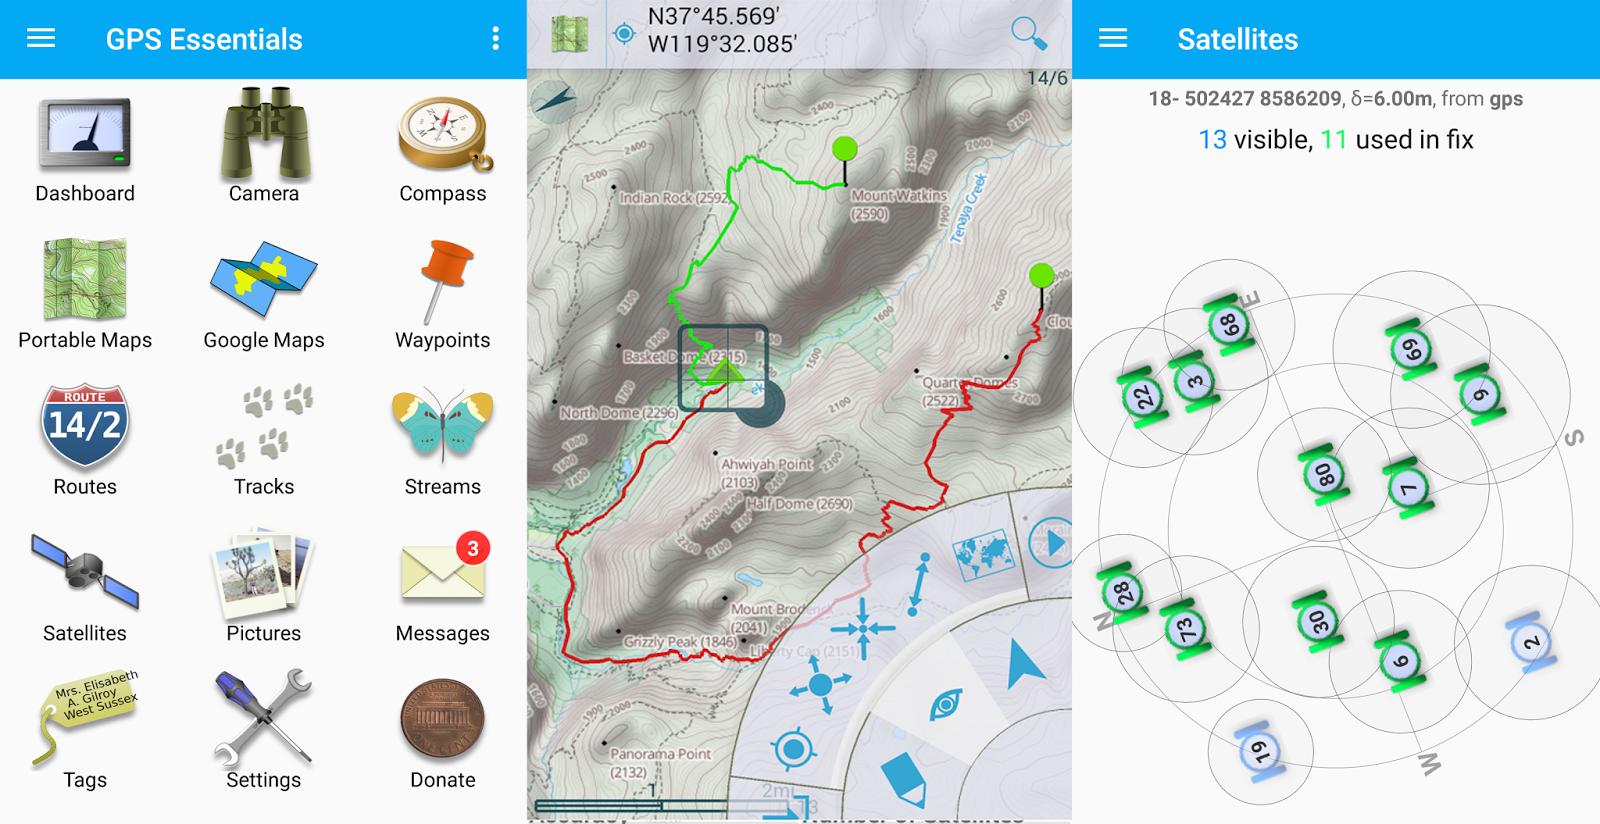 GPS MÁS COMPLETO PARA GESTIONAR WAYPOINTS, TRACKS, RUTAS